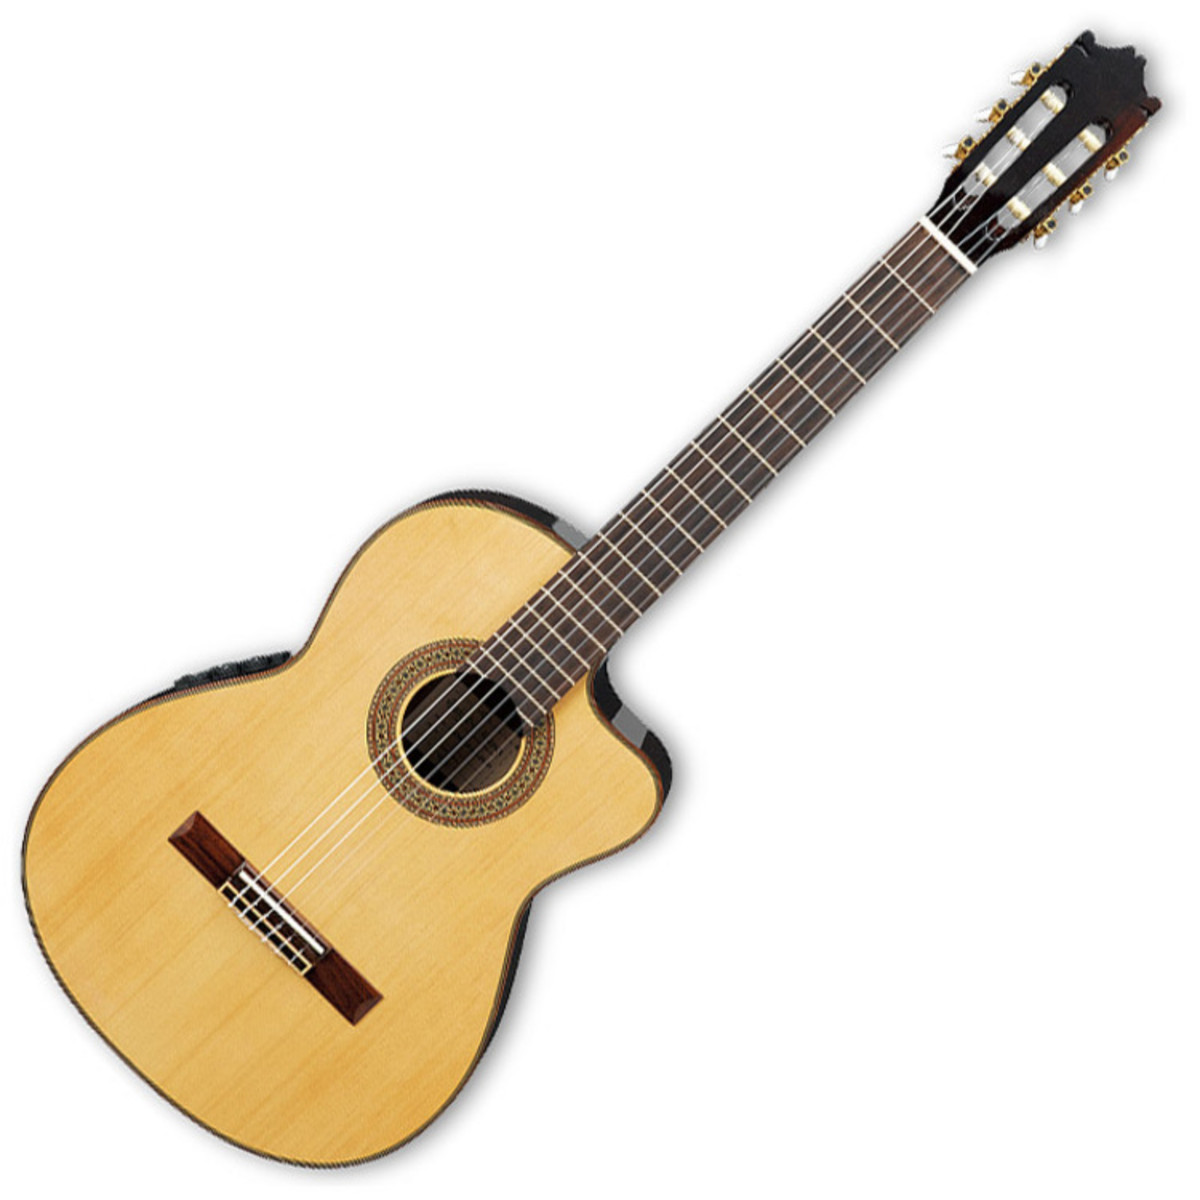 Ibanez Electro Acoustic Guitars : disc ibanez g200ece classical electro acoustic guitar at gear4music ~ Russianpoet.info Haus und Dekorationen